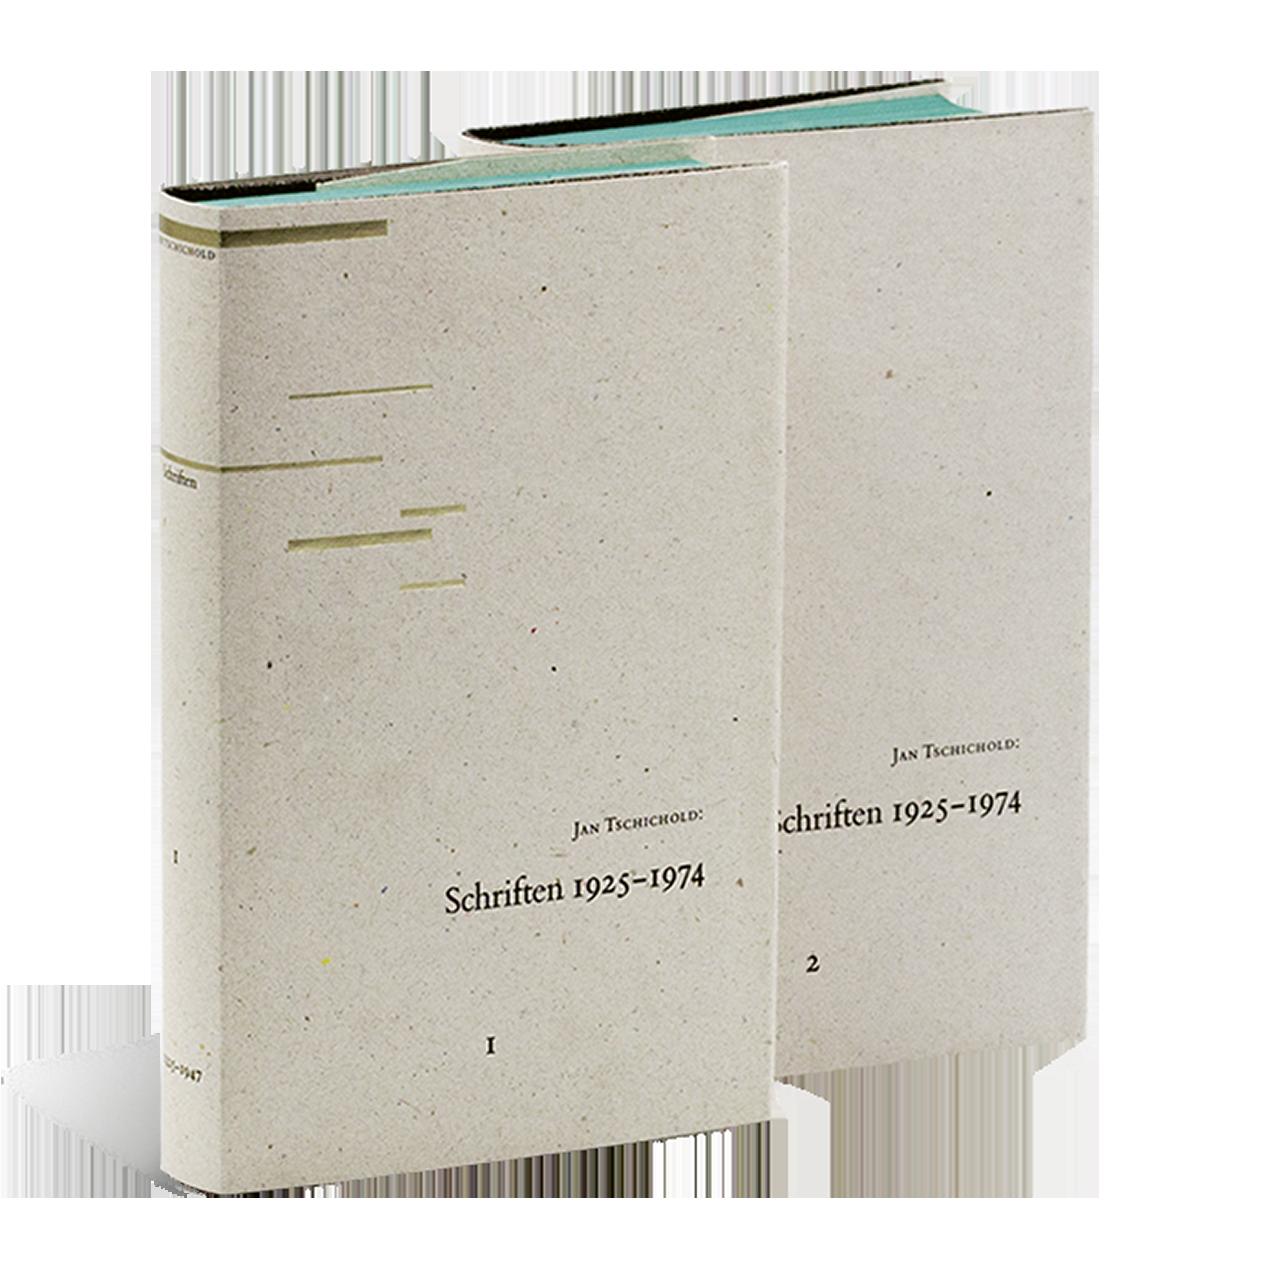 Gestaltung von Tschichold: Schriften 1925 – 1974. Band 1